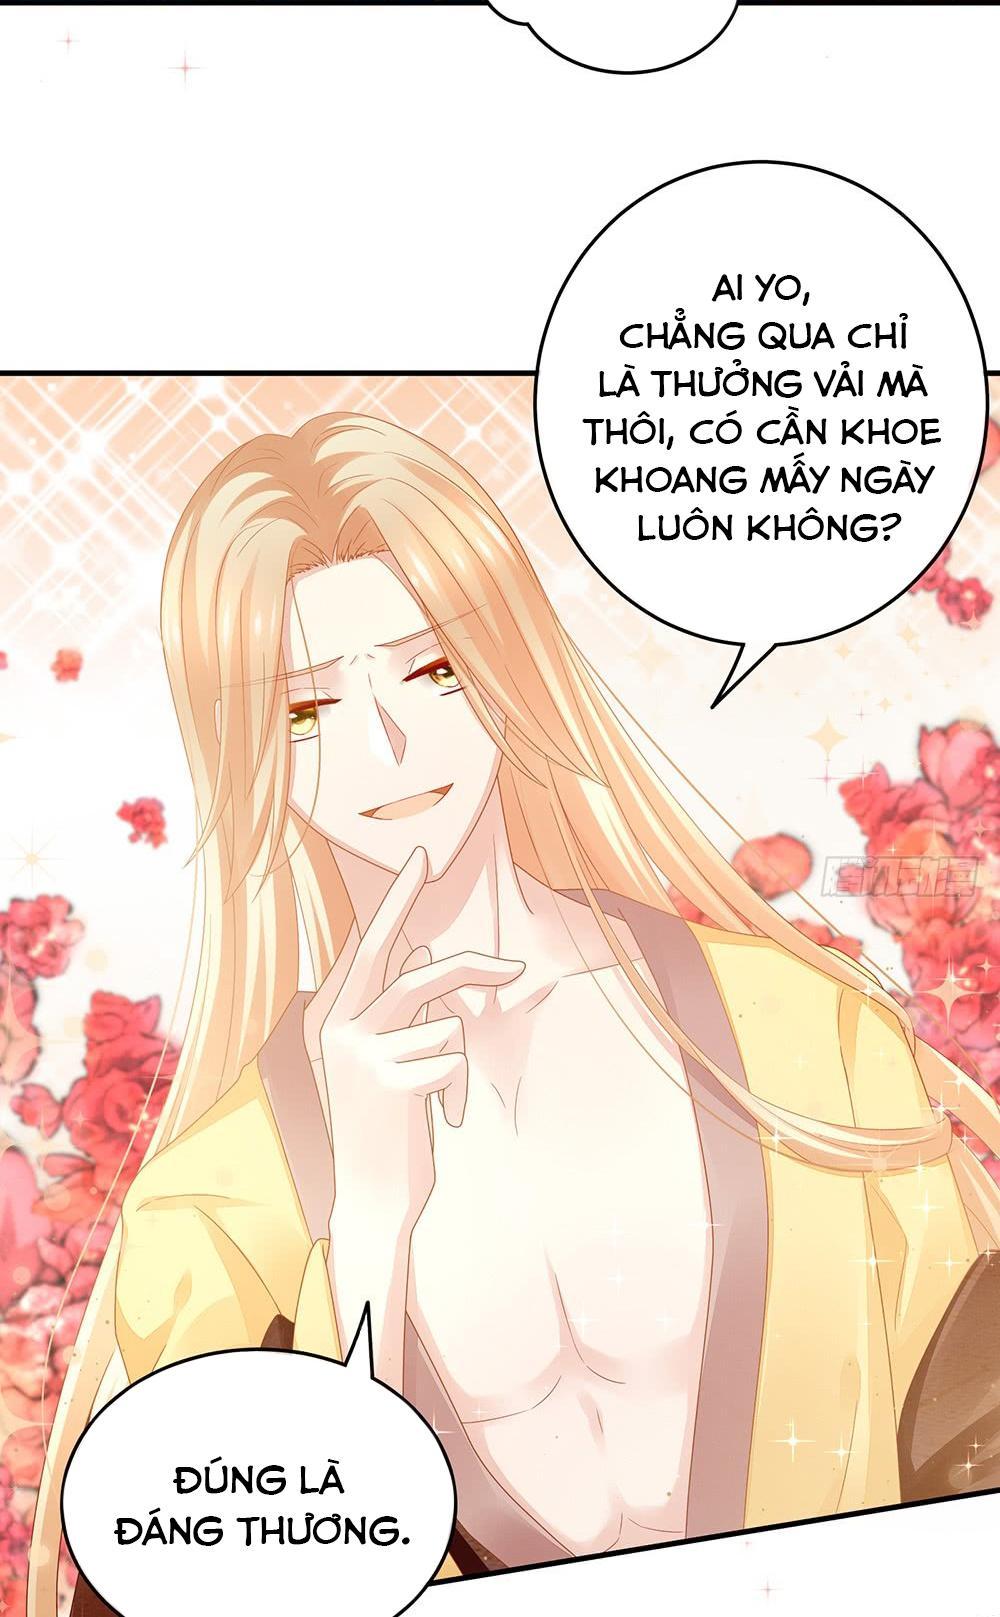 Hậu Cung Của Nữ Đế chap 3 - Trang 9